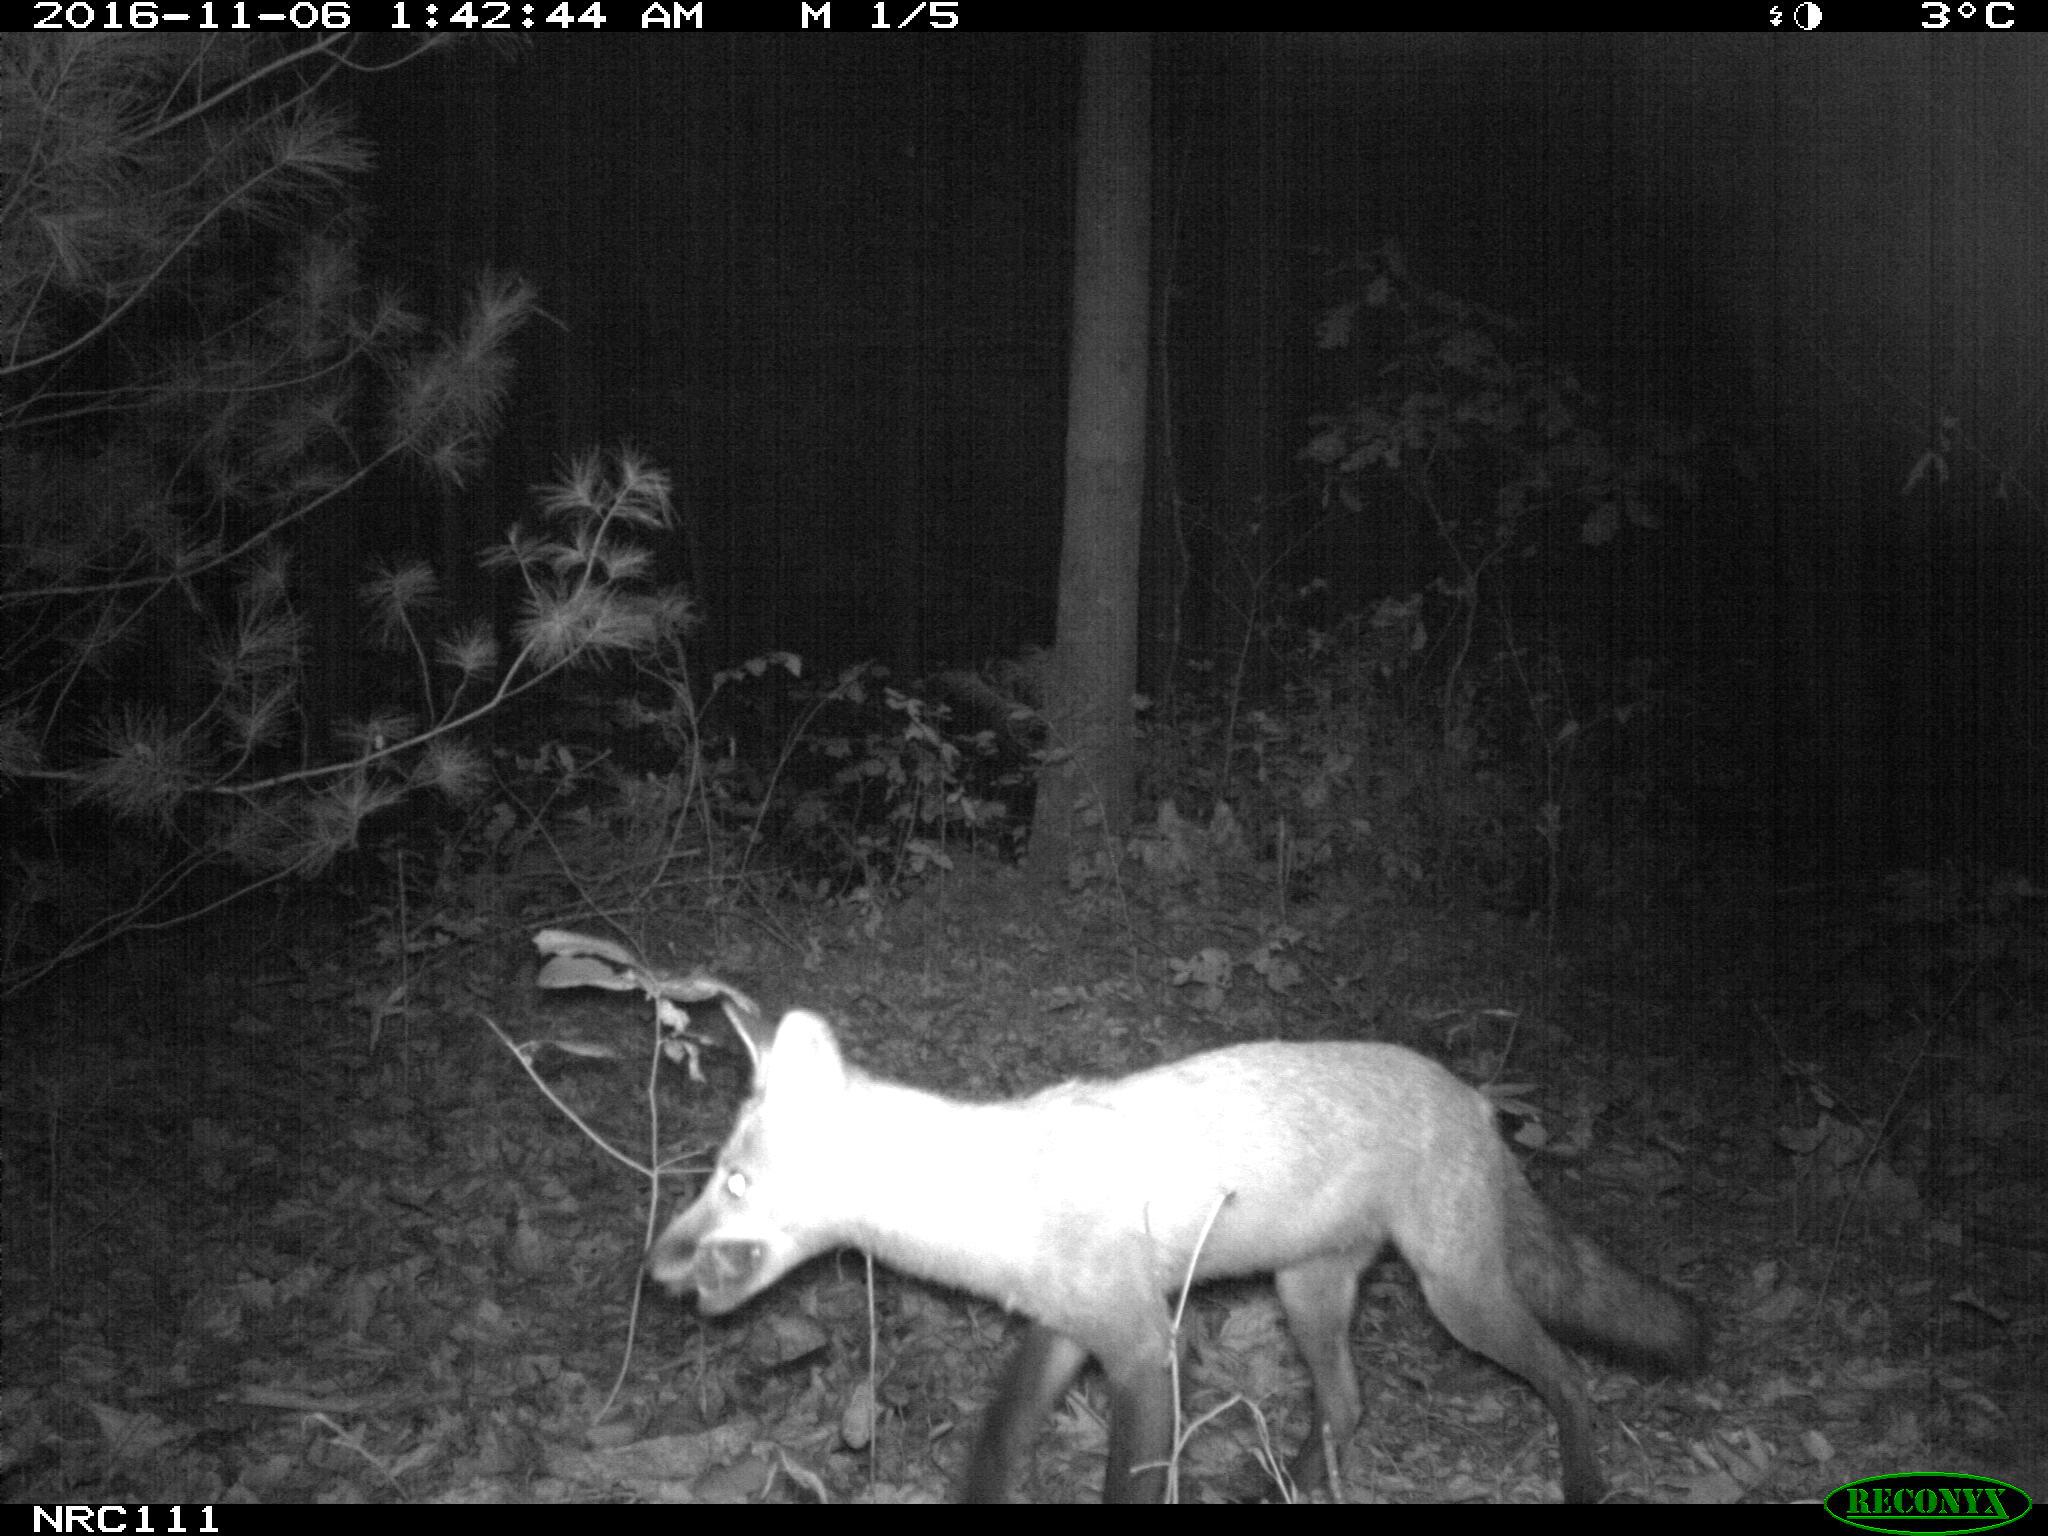 Red fox camera trap